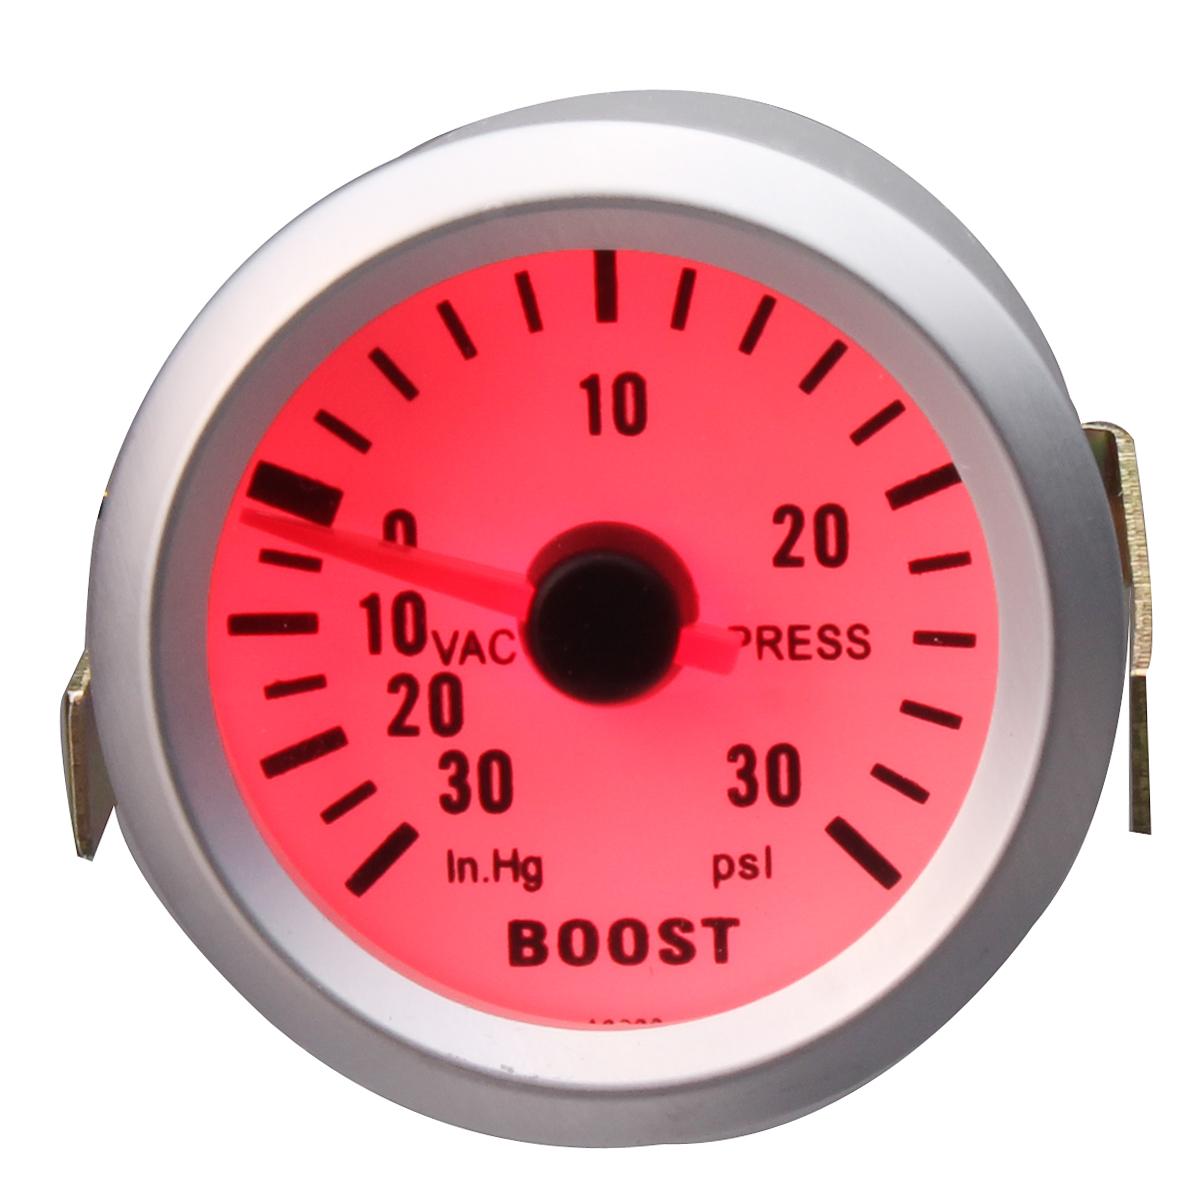 Дюймовый 52-мм универсальный Авто Красный LED Датчик давления турбонаддува измеритель 30 psi с Шланг